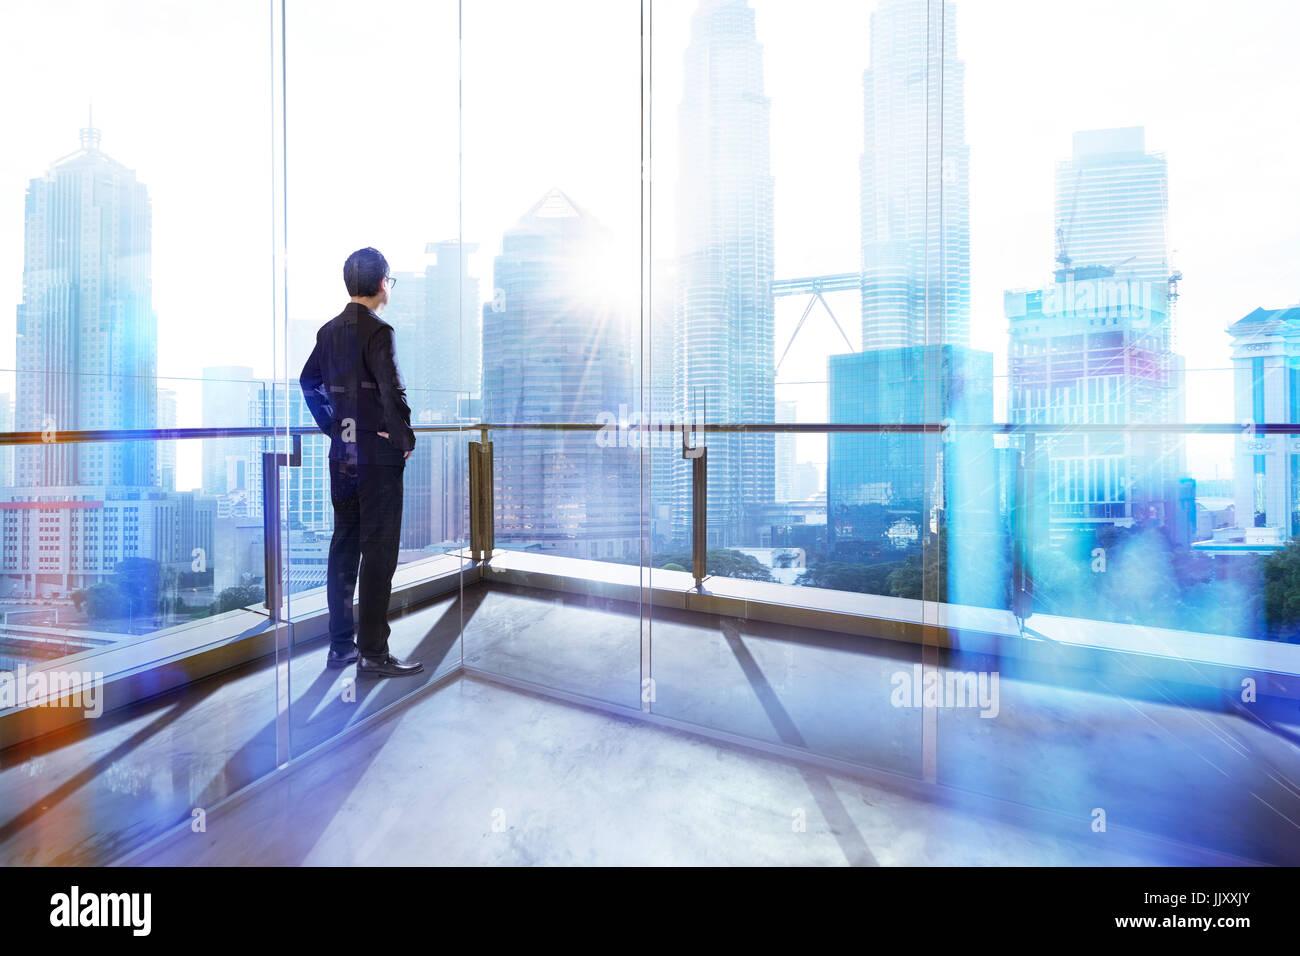 Junge Unternehmer auf der Suche der Stadt im Büro. Morgen-Szene. . Stockbild